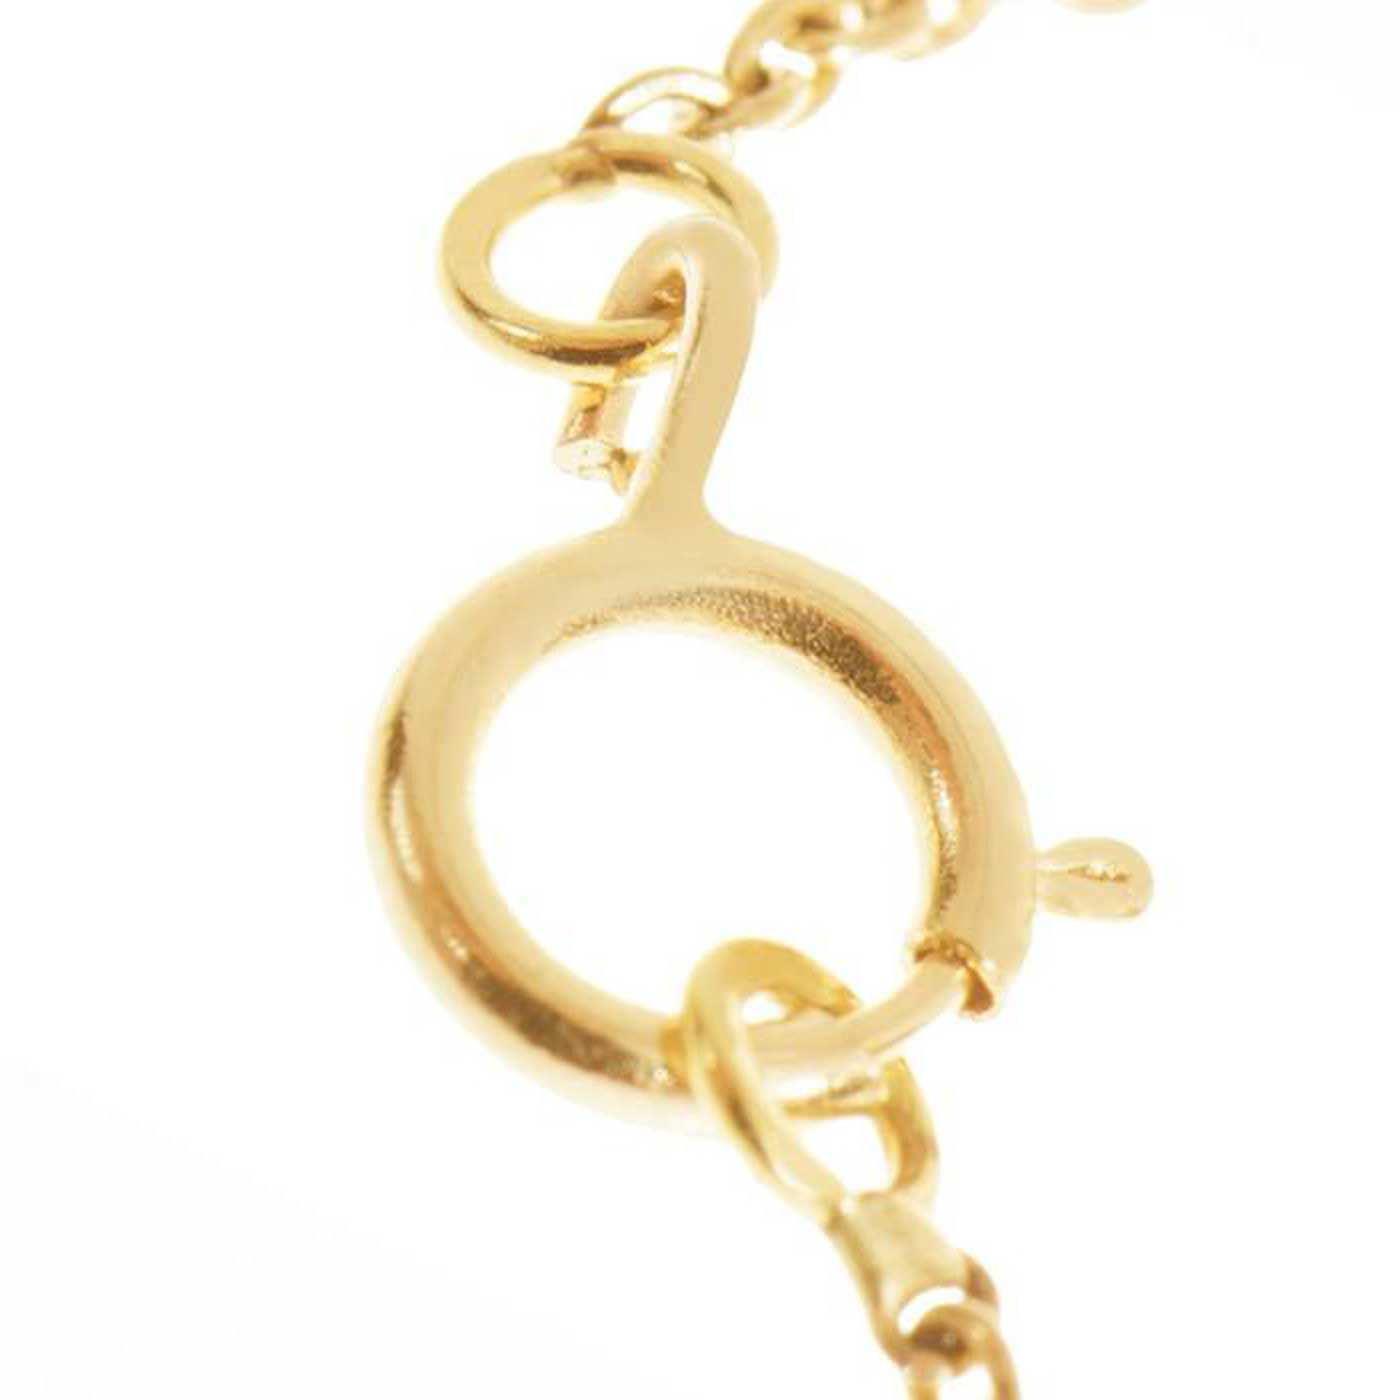 آویز ساعت طلا 18 عیار زنانه کانیار گالری کد AS119 -  - 5